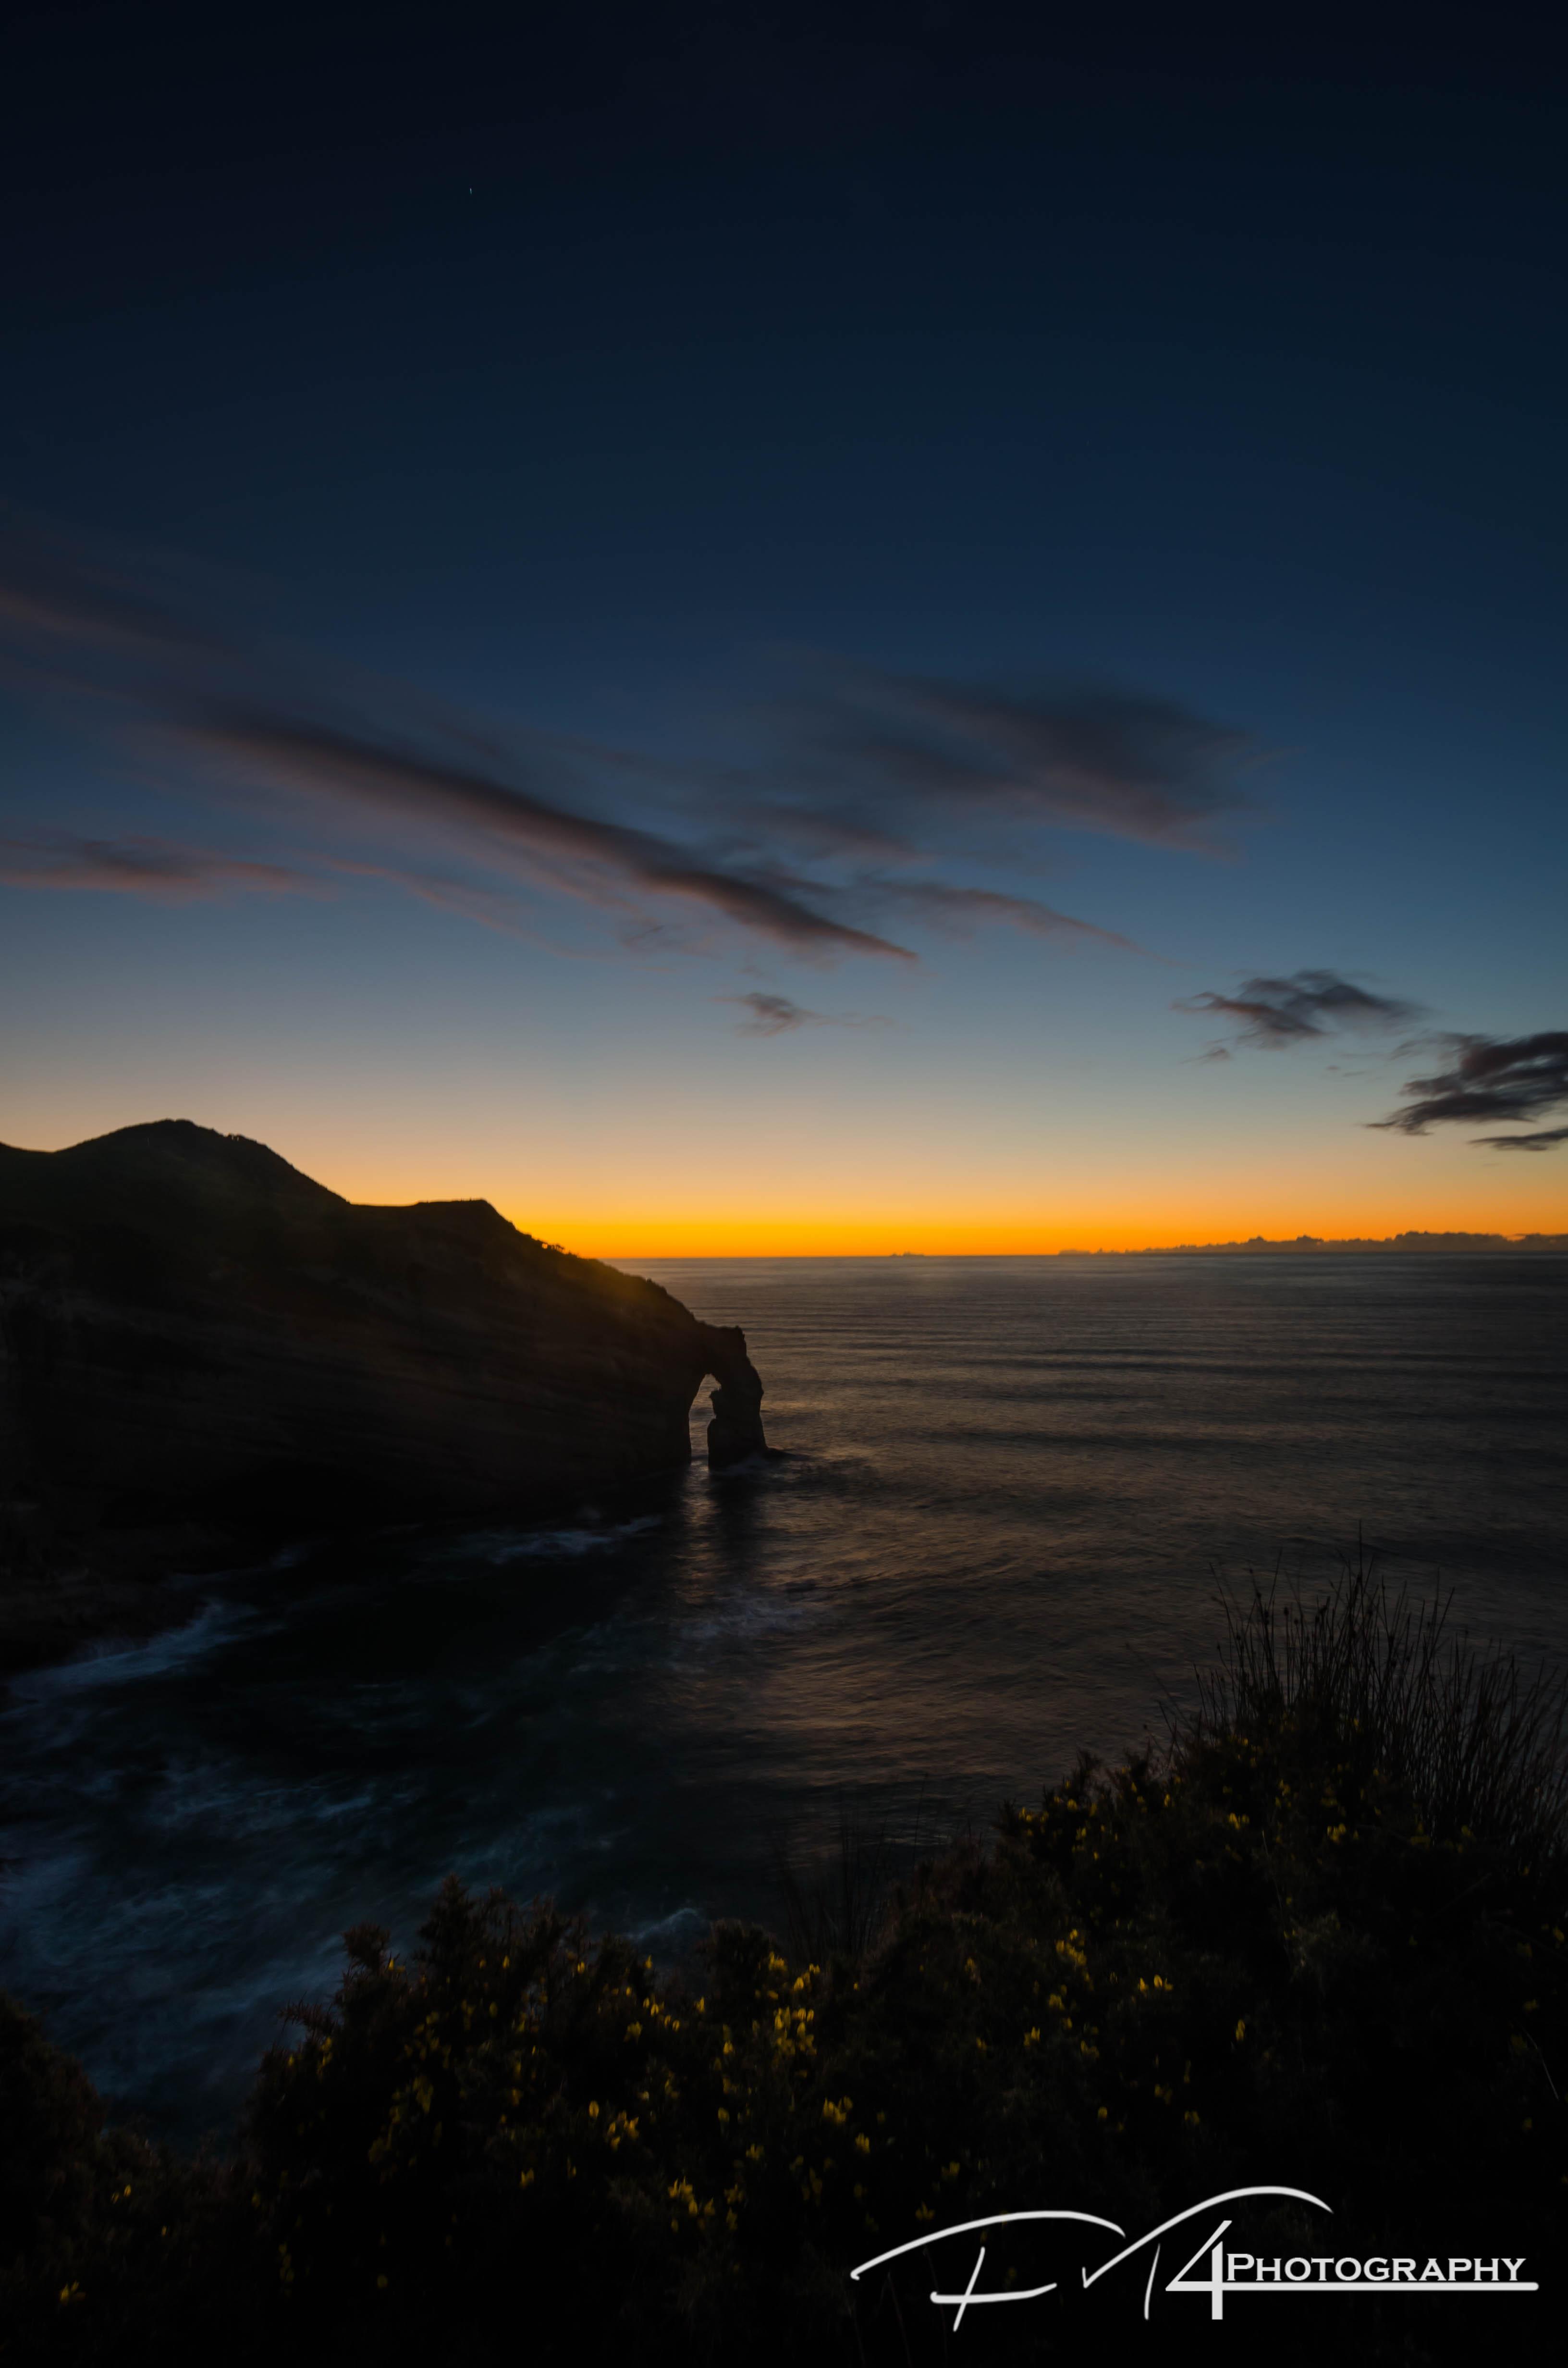 Deadend sunset